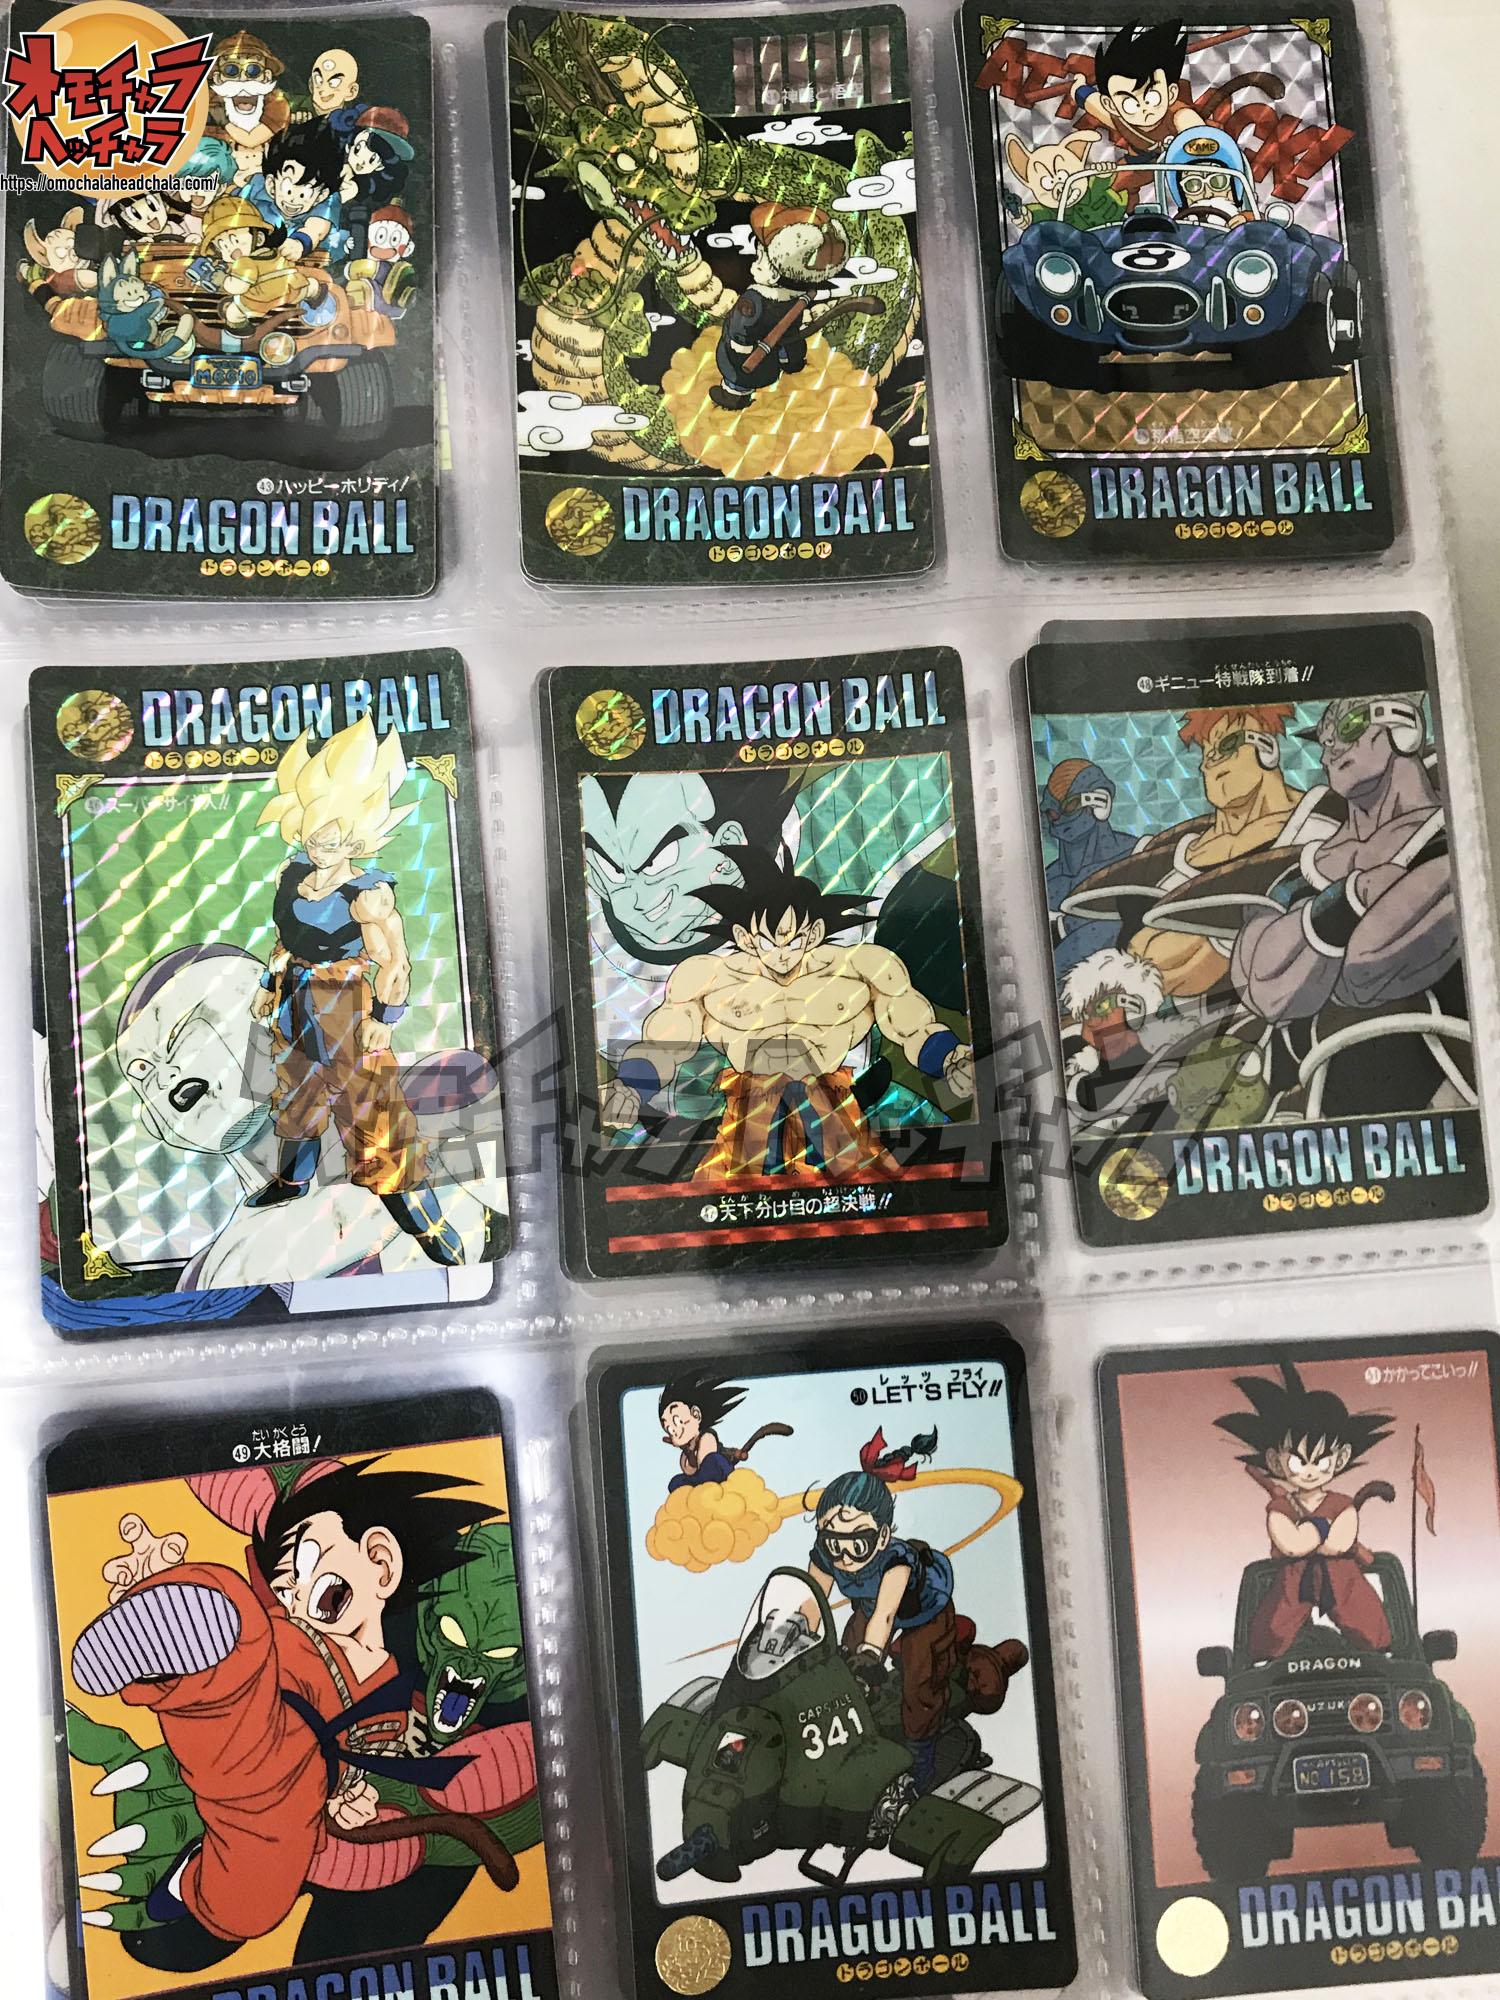 ドラゴンボールフィギュアレビューブログのカードダス